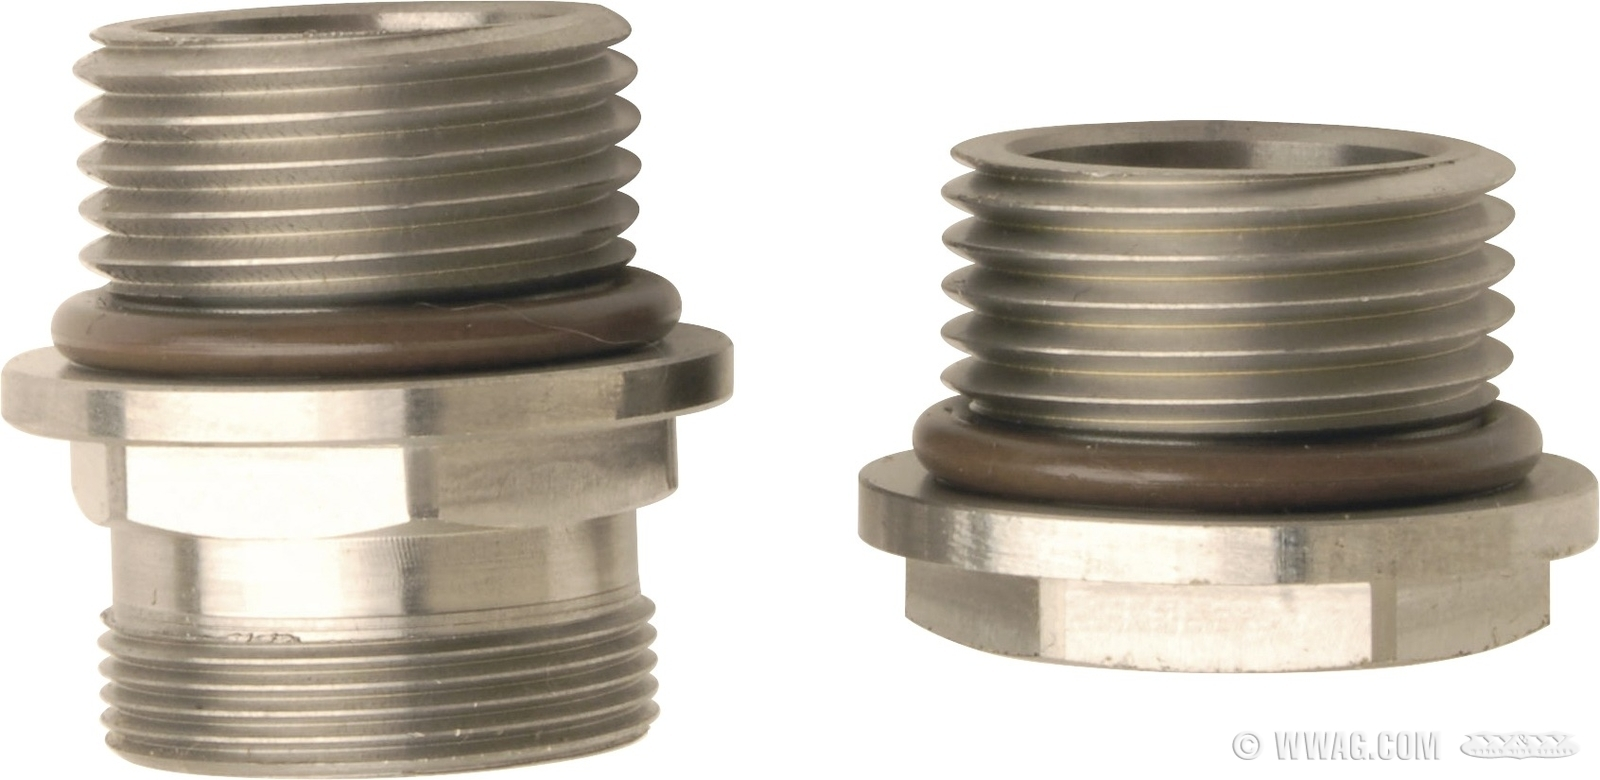 W&W Cycles - Tank > Delphi EFI to Carb Conversion Fitting Kits